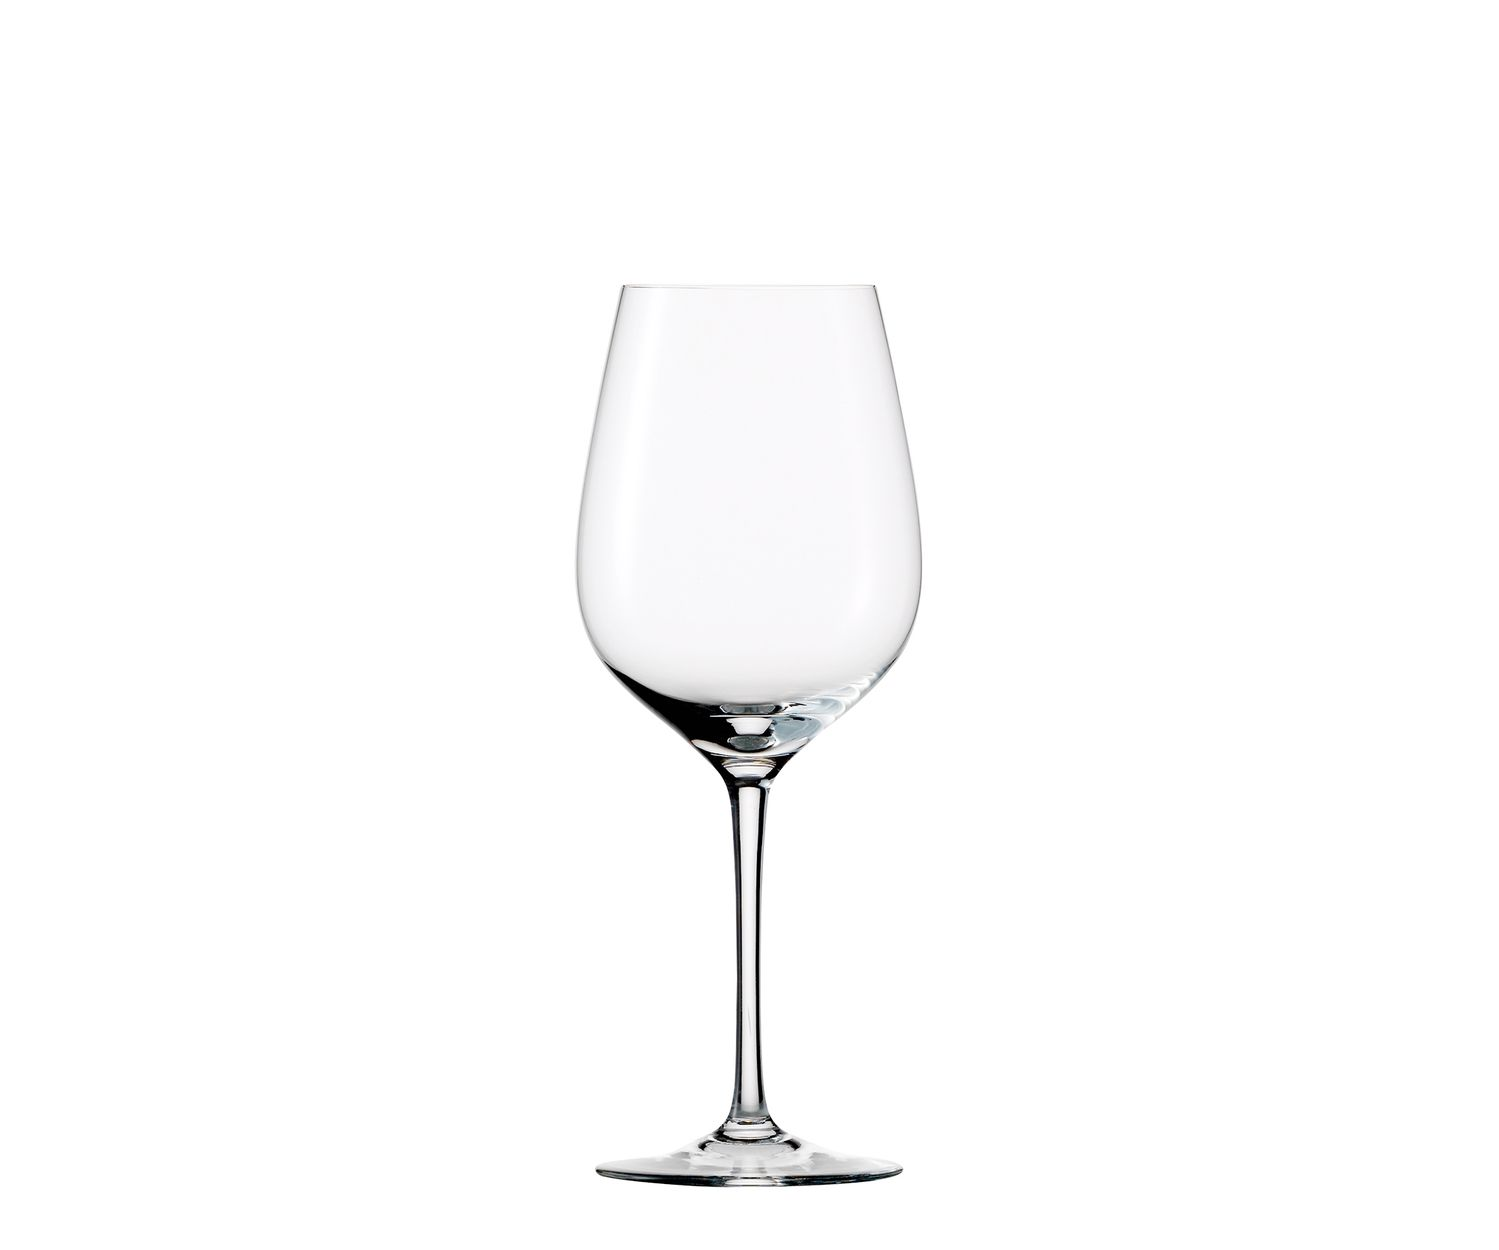 Eisch Rotwein Glas Superior Sensis Plus, 2 Stk – Bild 1